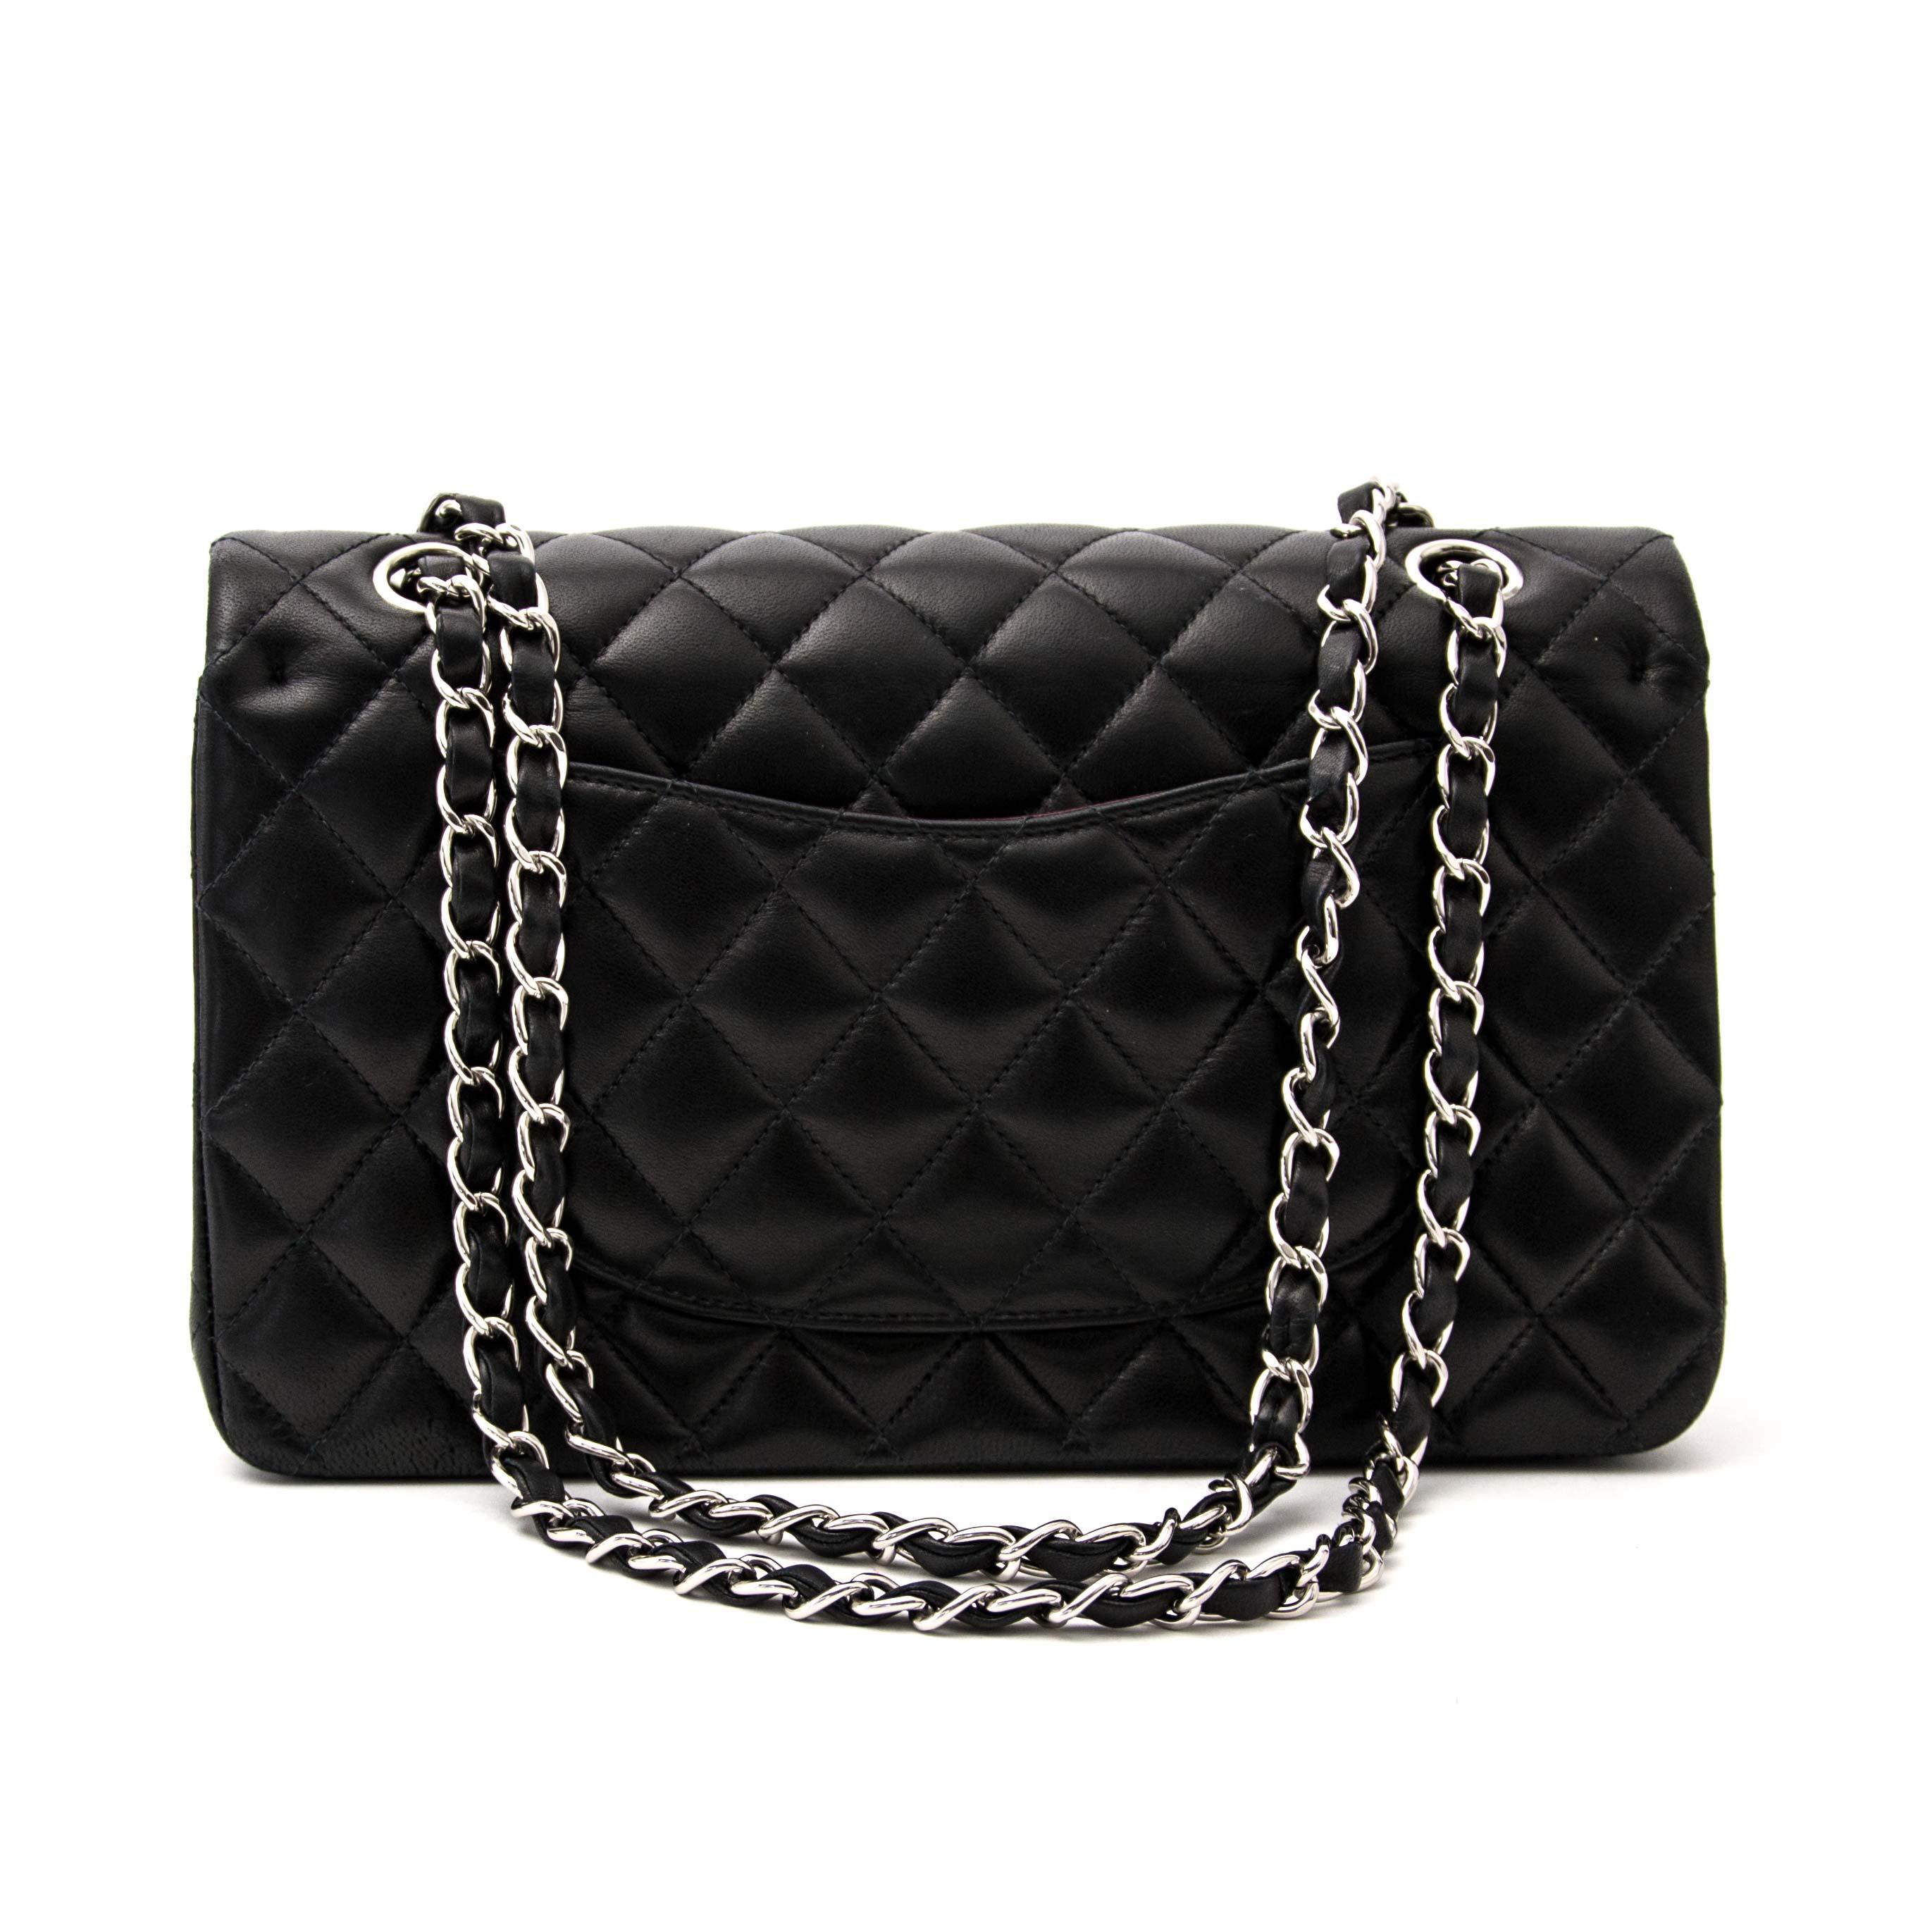 Labellov Shop safe online  authentic vintage Chanel clothes, bags ... 62b43cf8e28